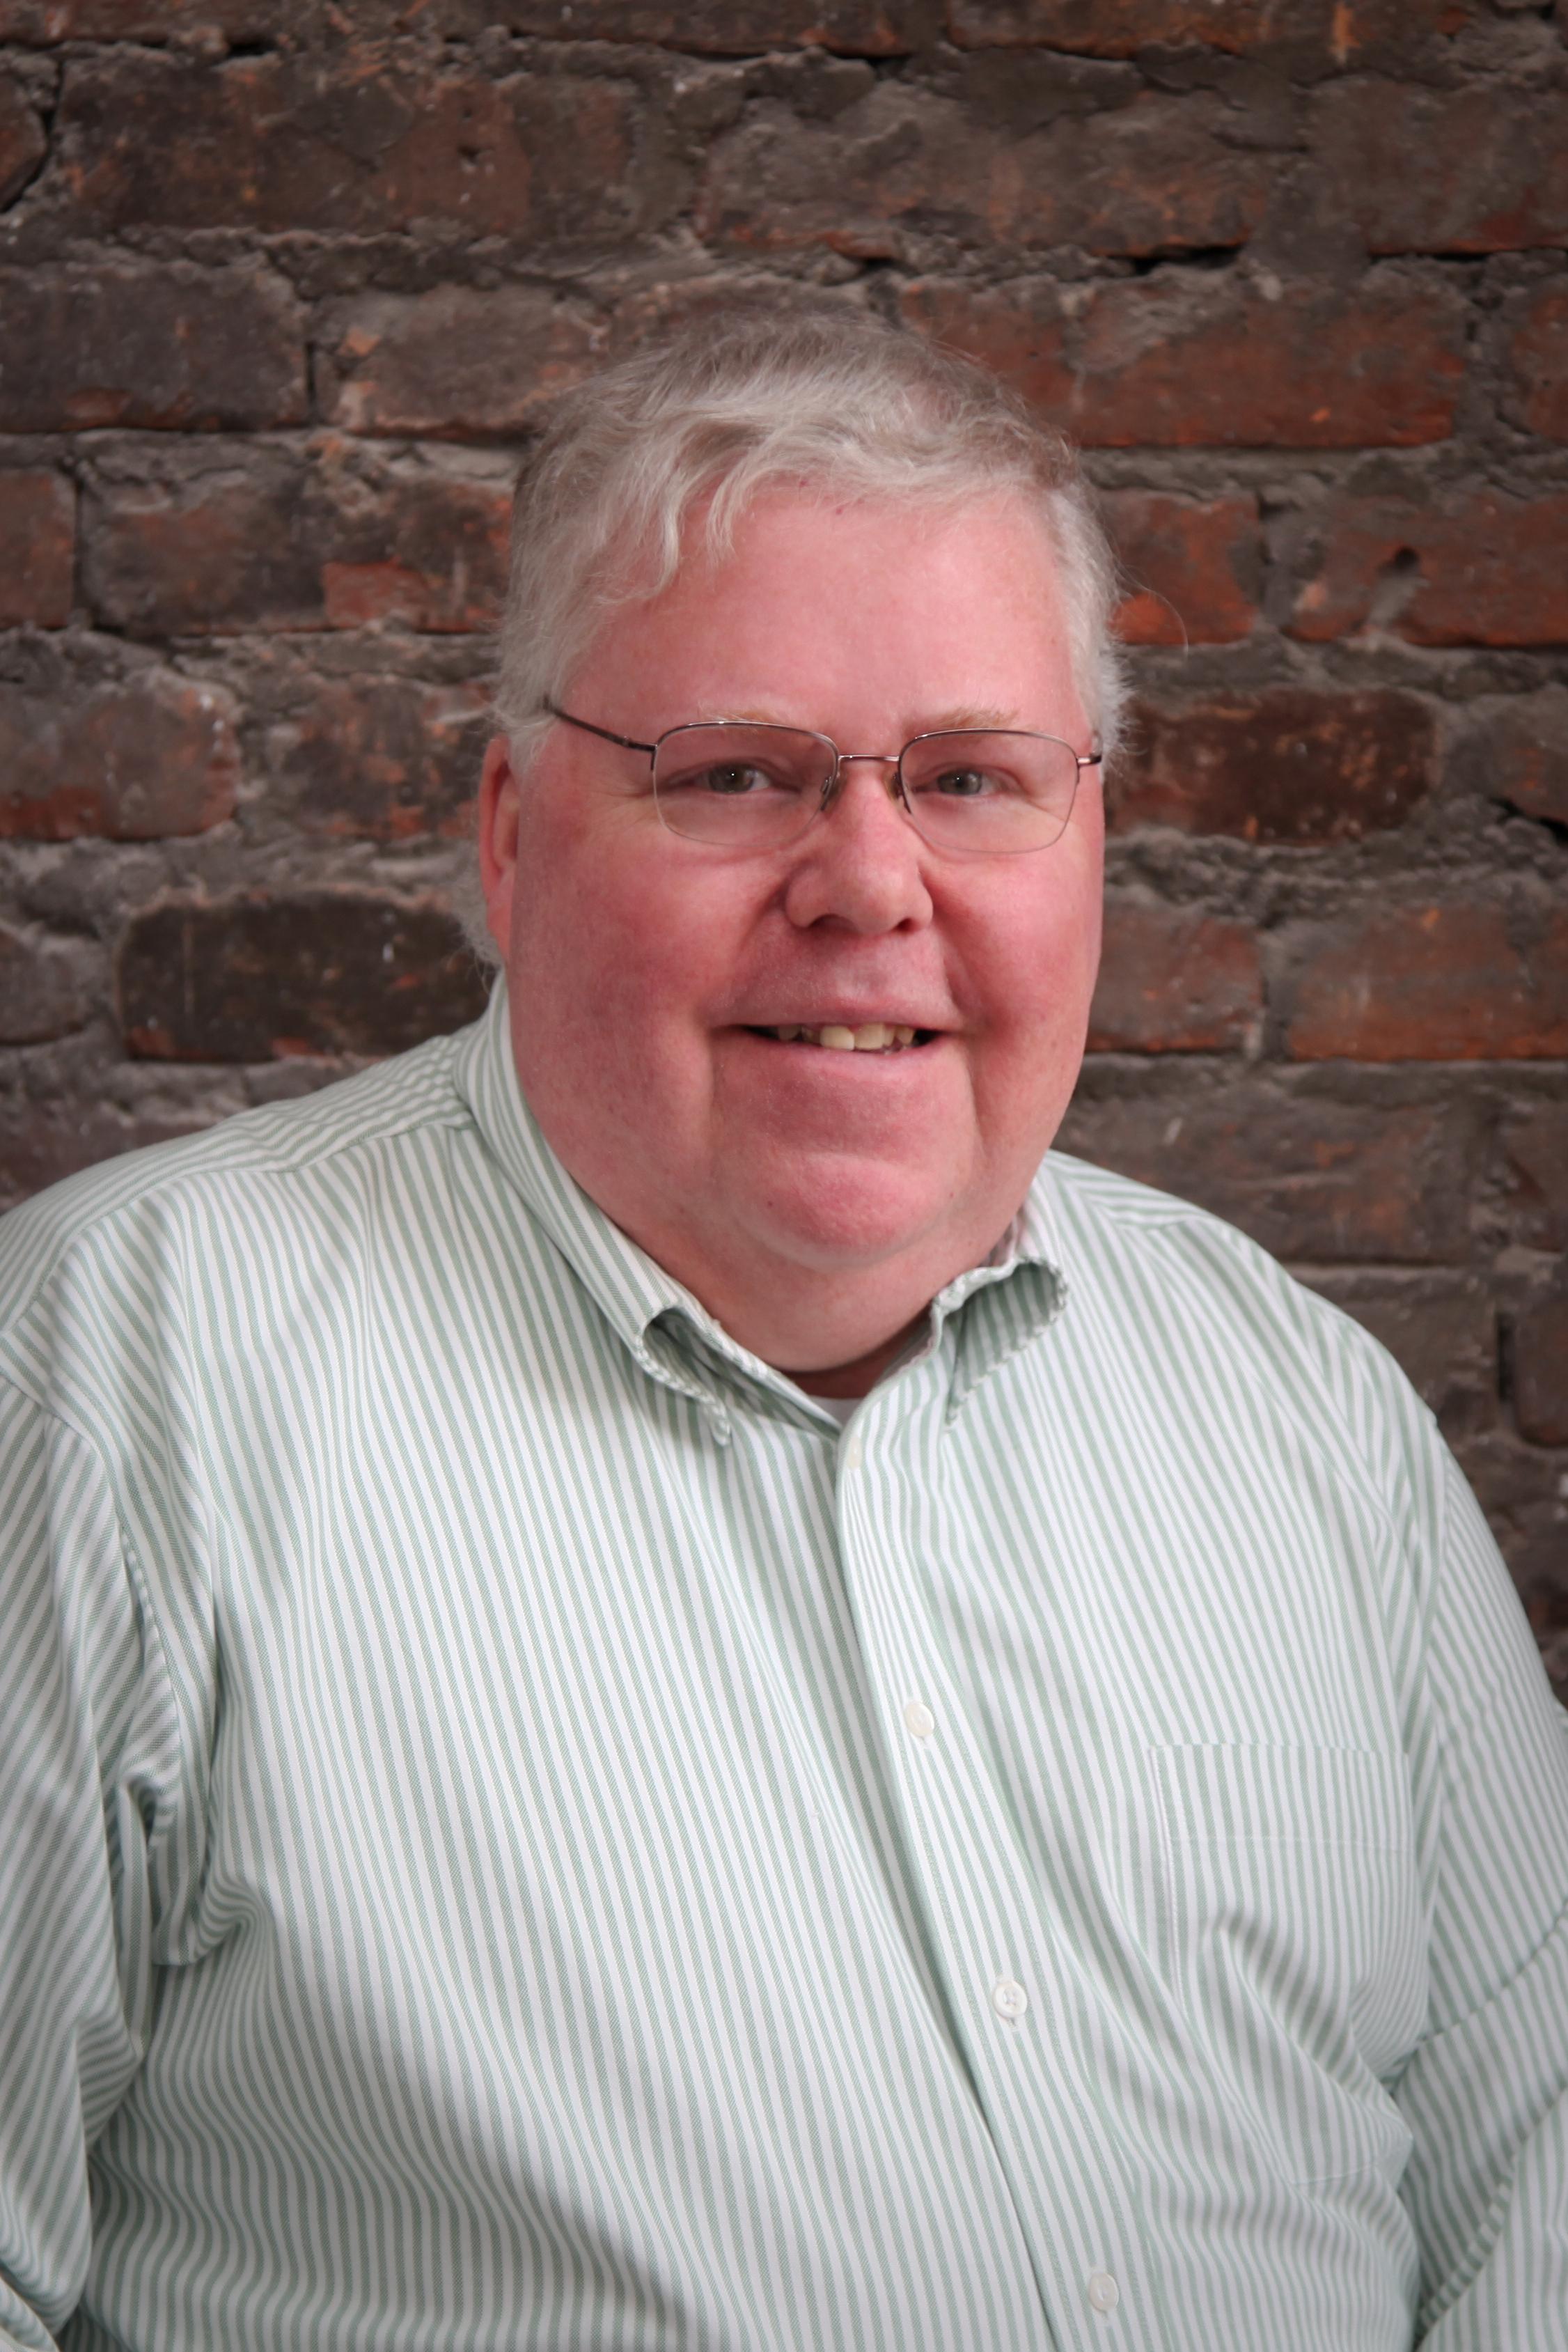 Bob Kroon, CFO